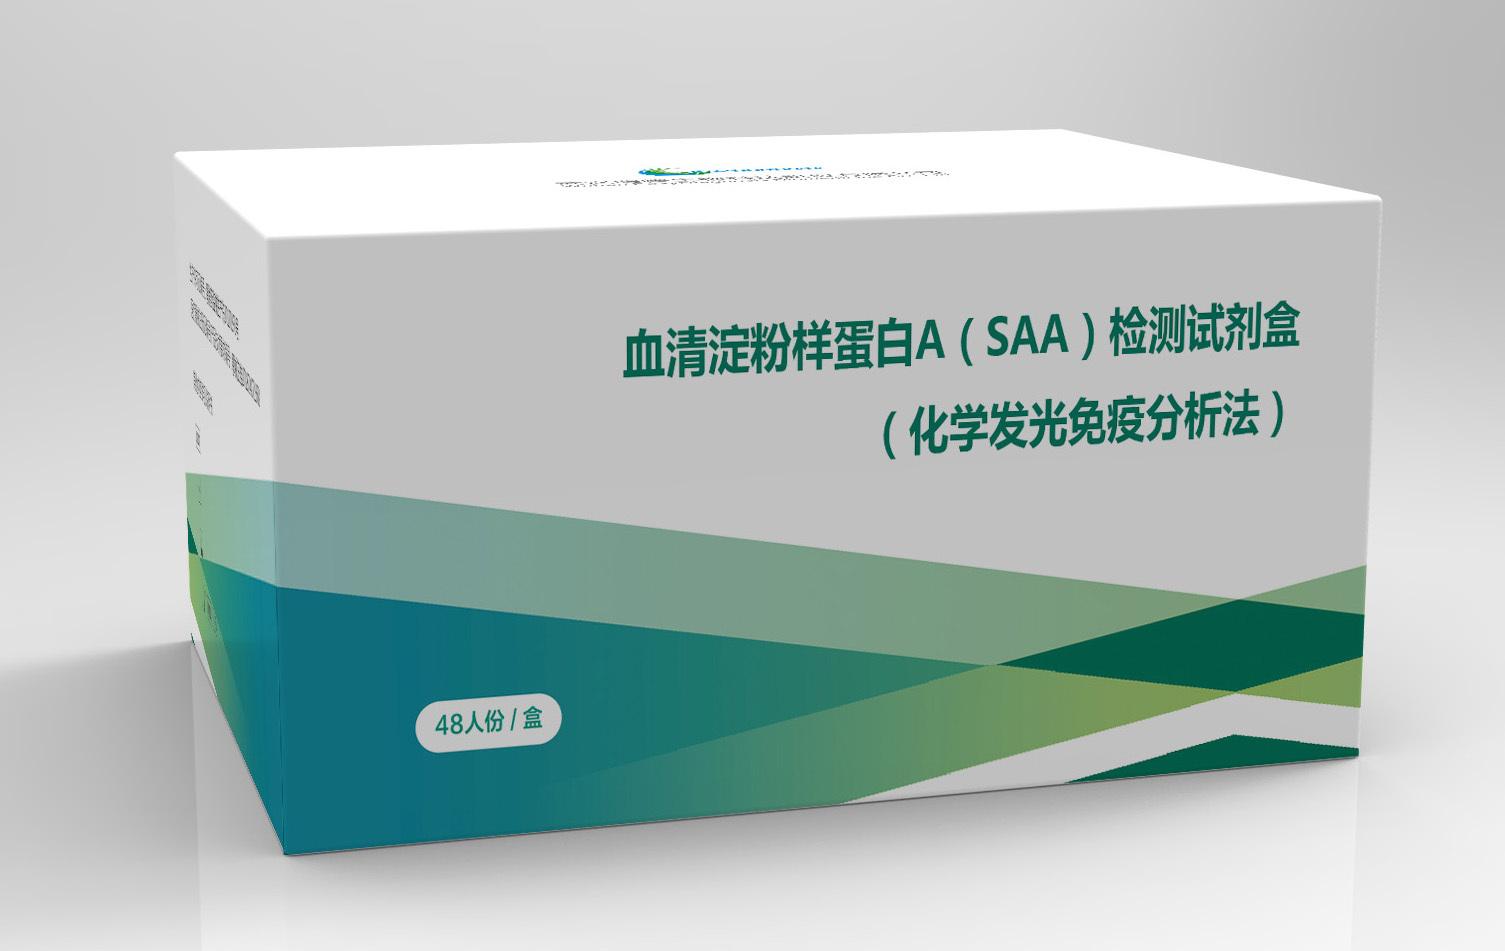 血清淀粉样蛋白A(SAA)检测试剂盒